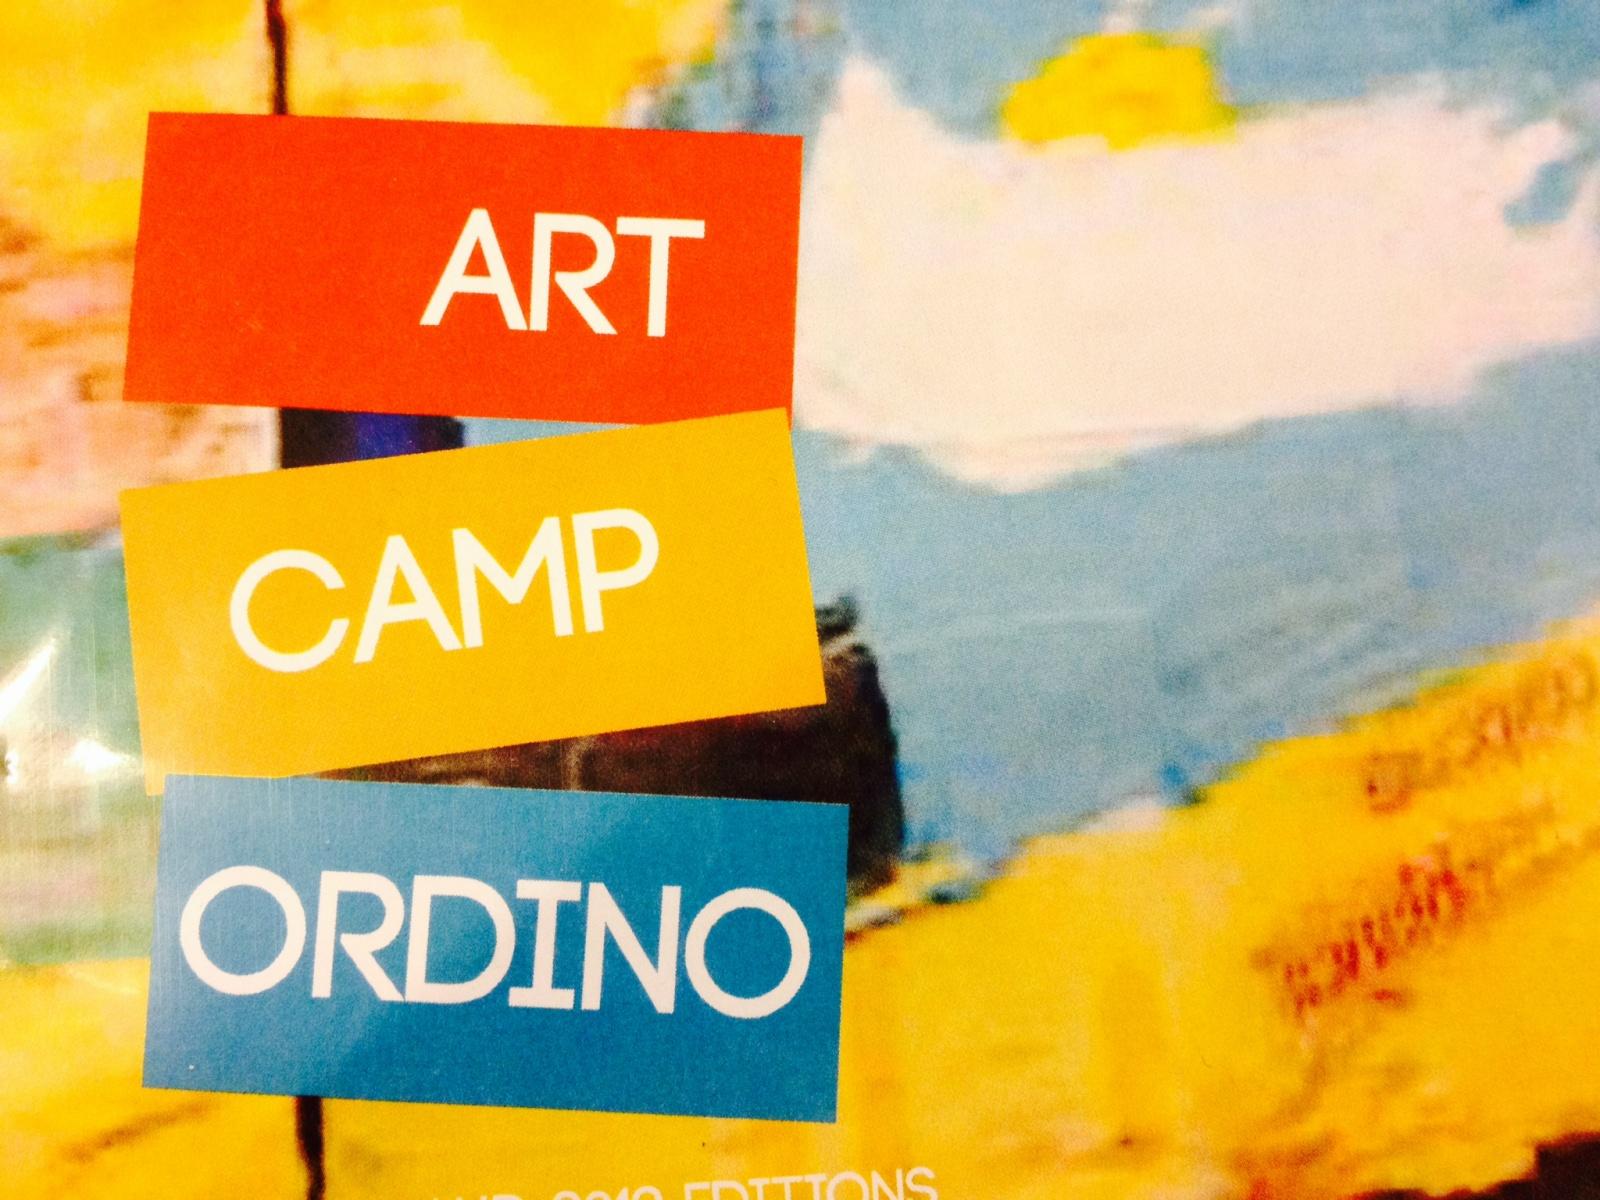 L'Art Camp torna a Ordino el proper estiu